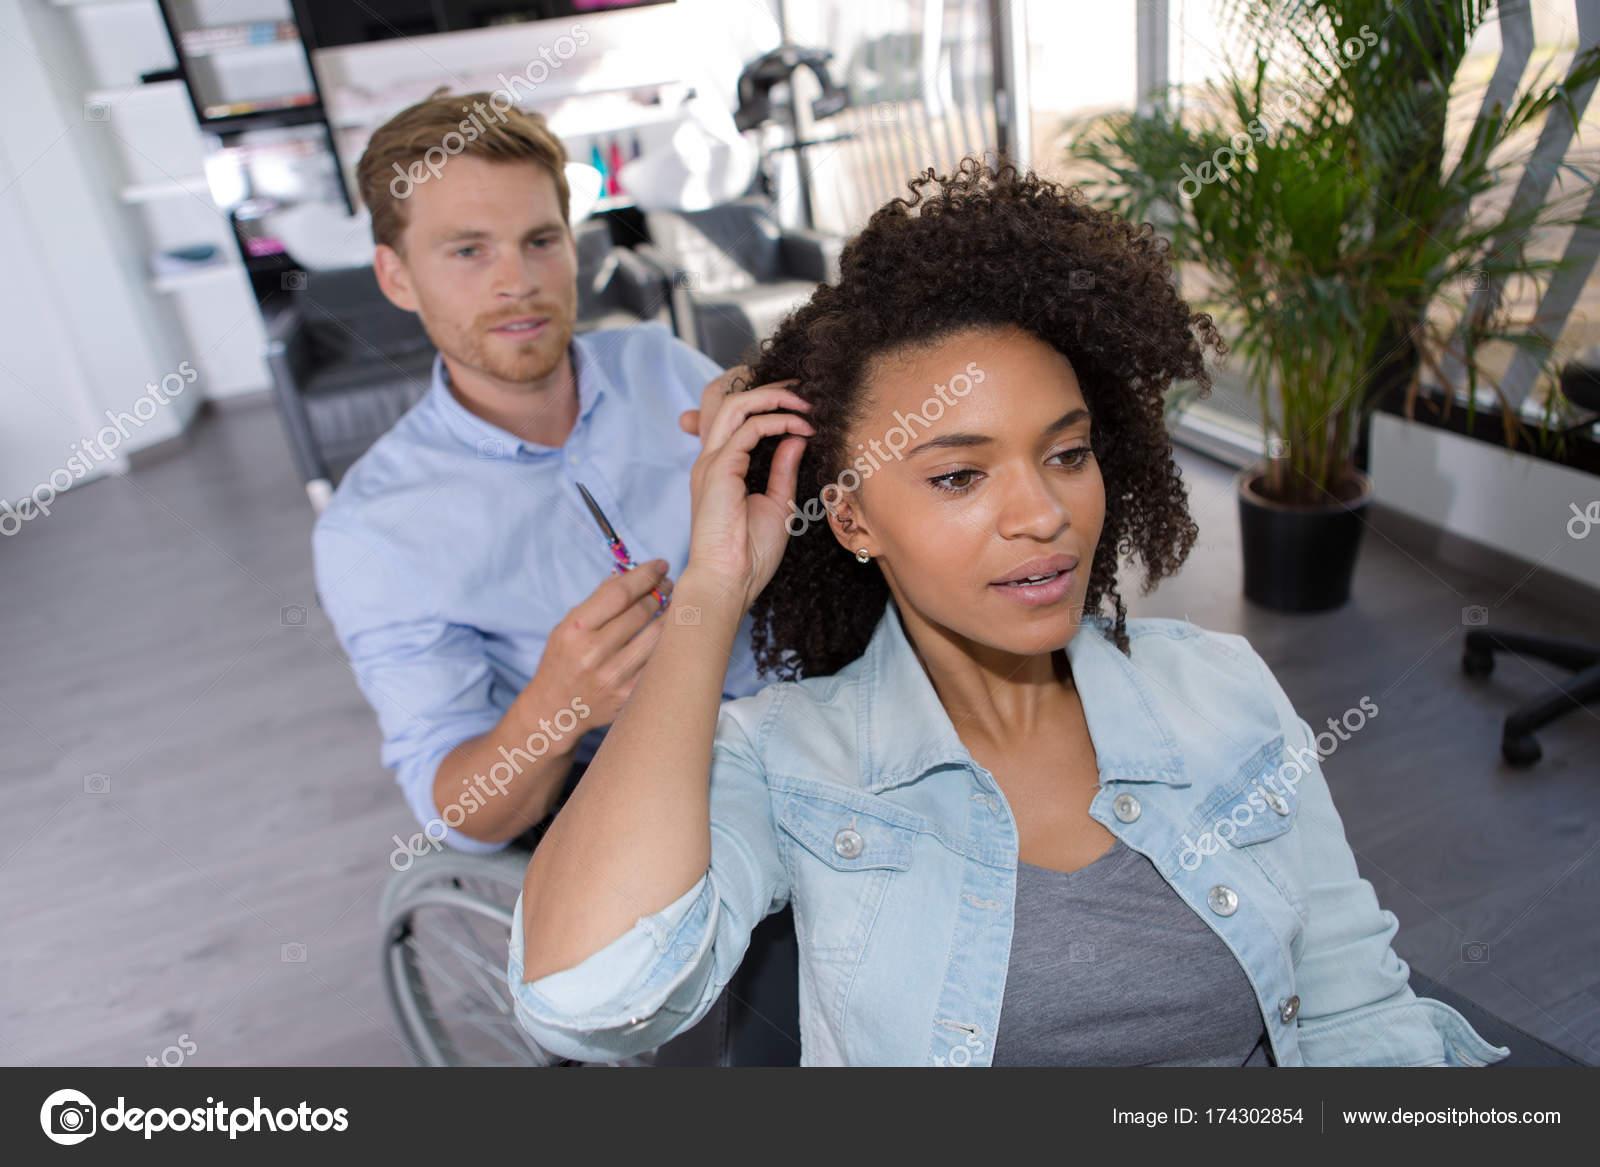 Πώς να ασχοληθεί με το ραντεβού με μια νεότερη γυναίκα